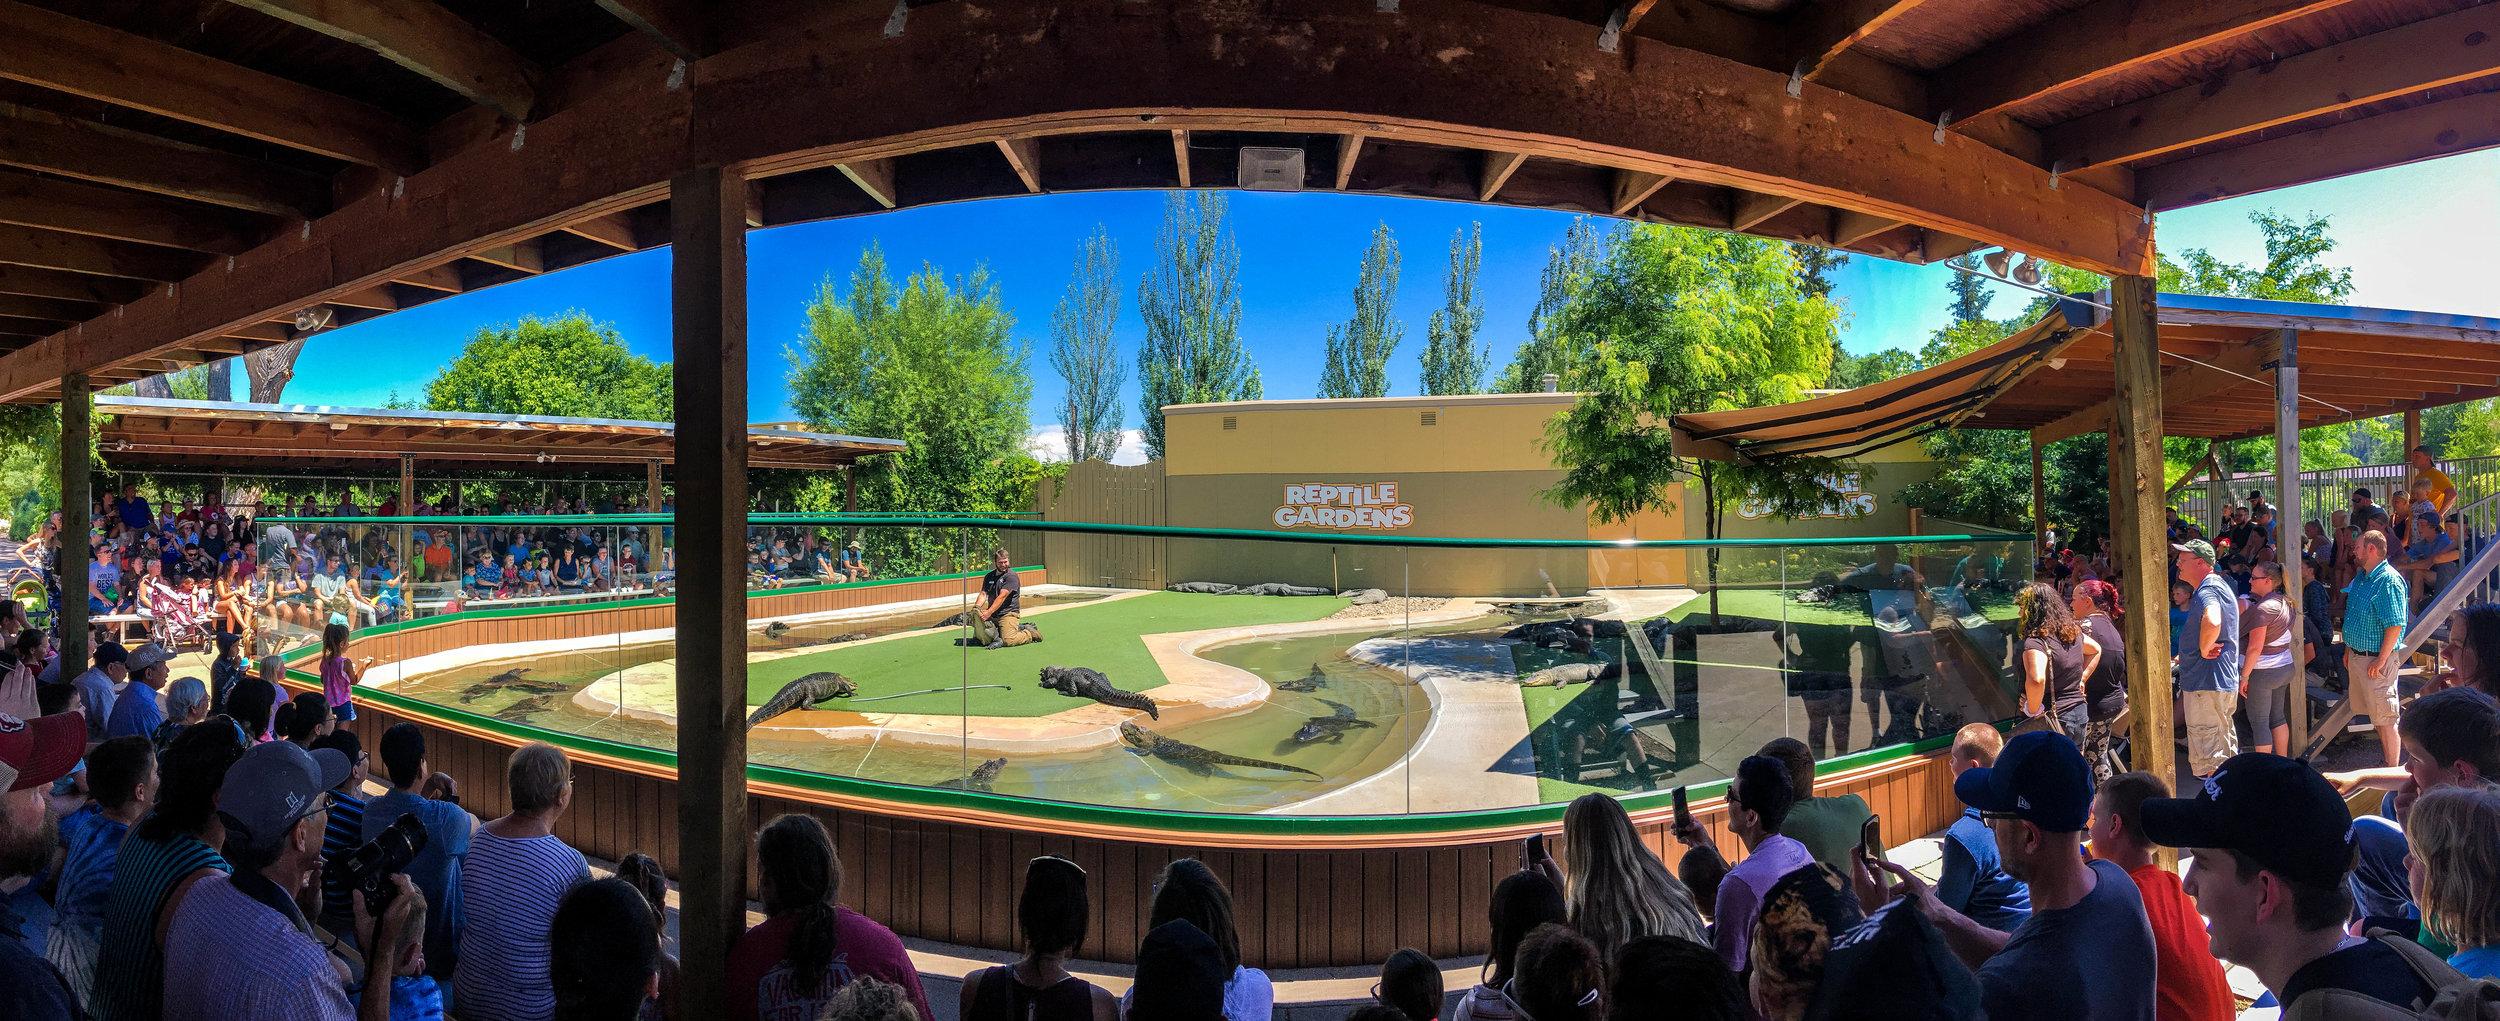 Reptile Gardens, SD